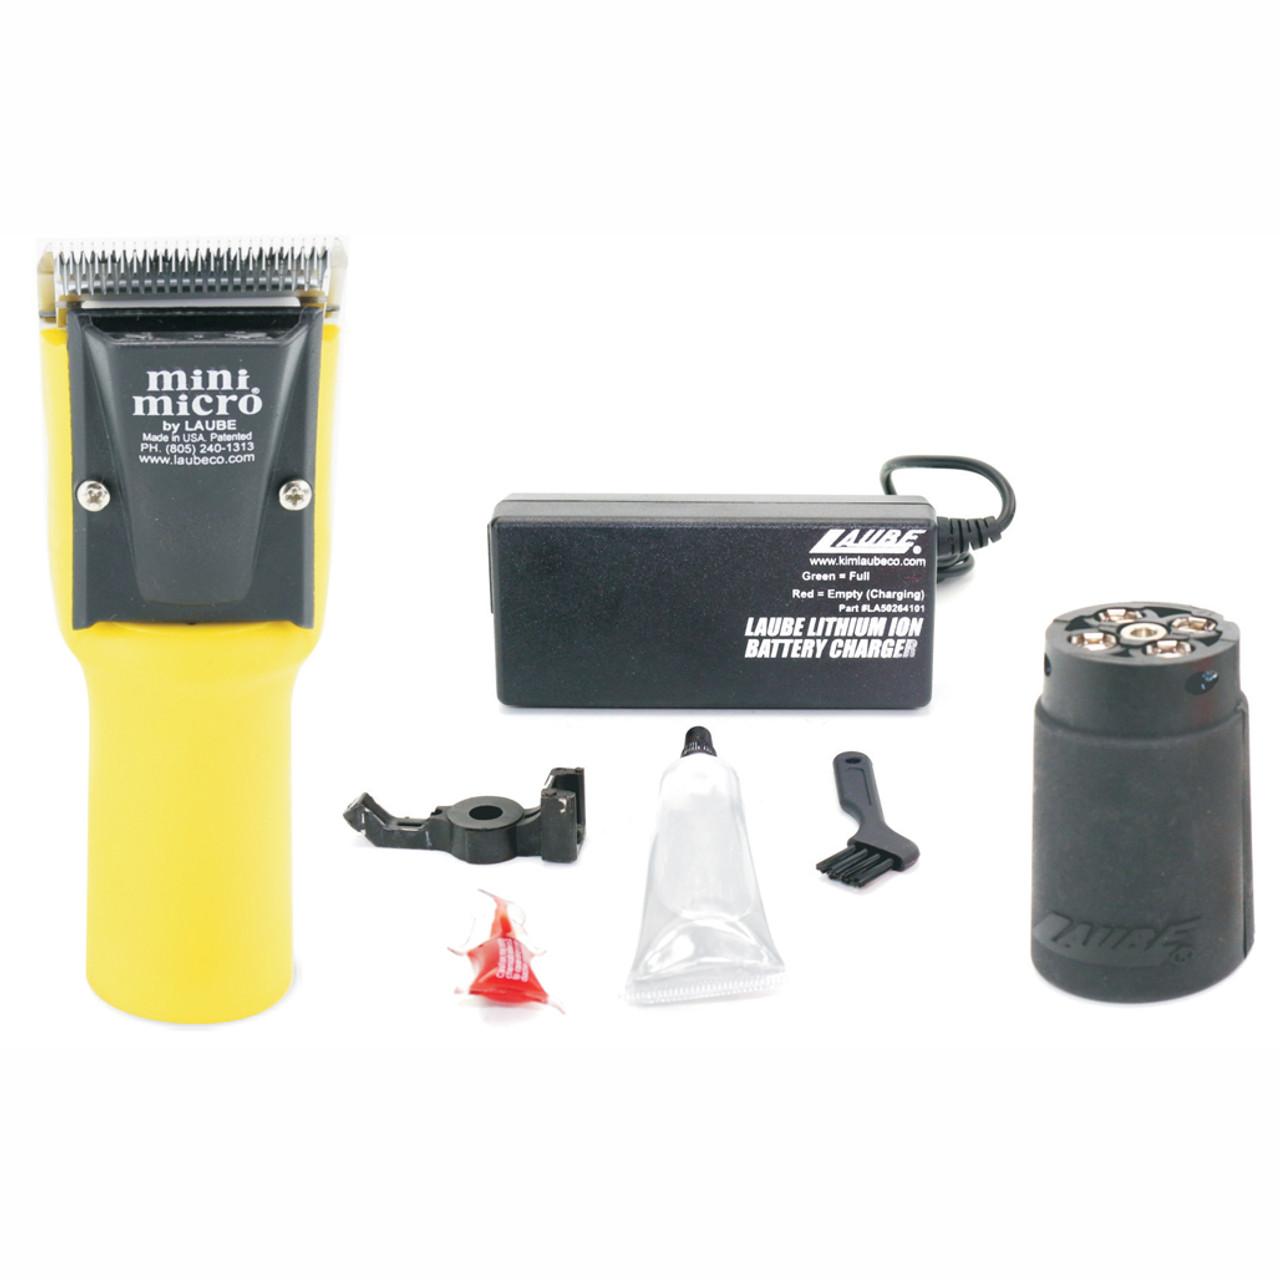 Mini Micro Cordless Clipper Kit